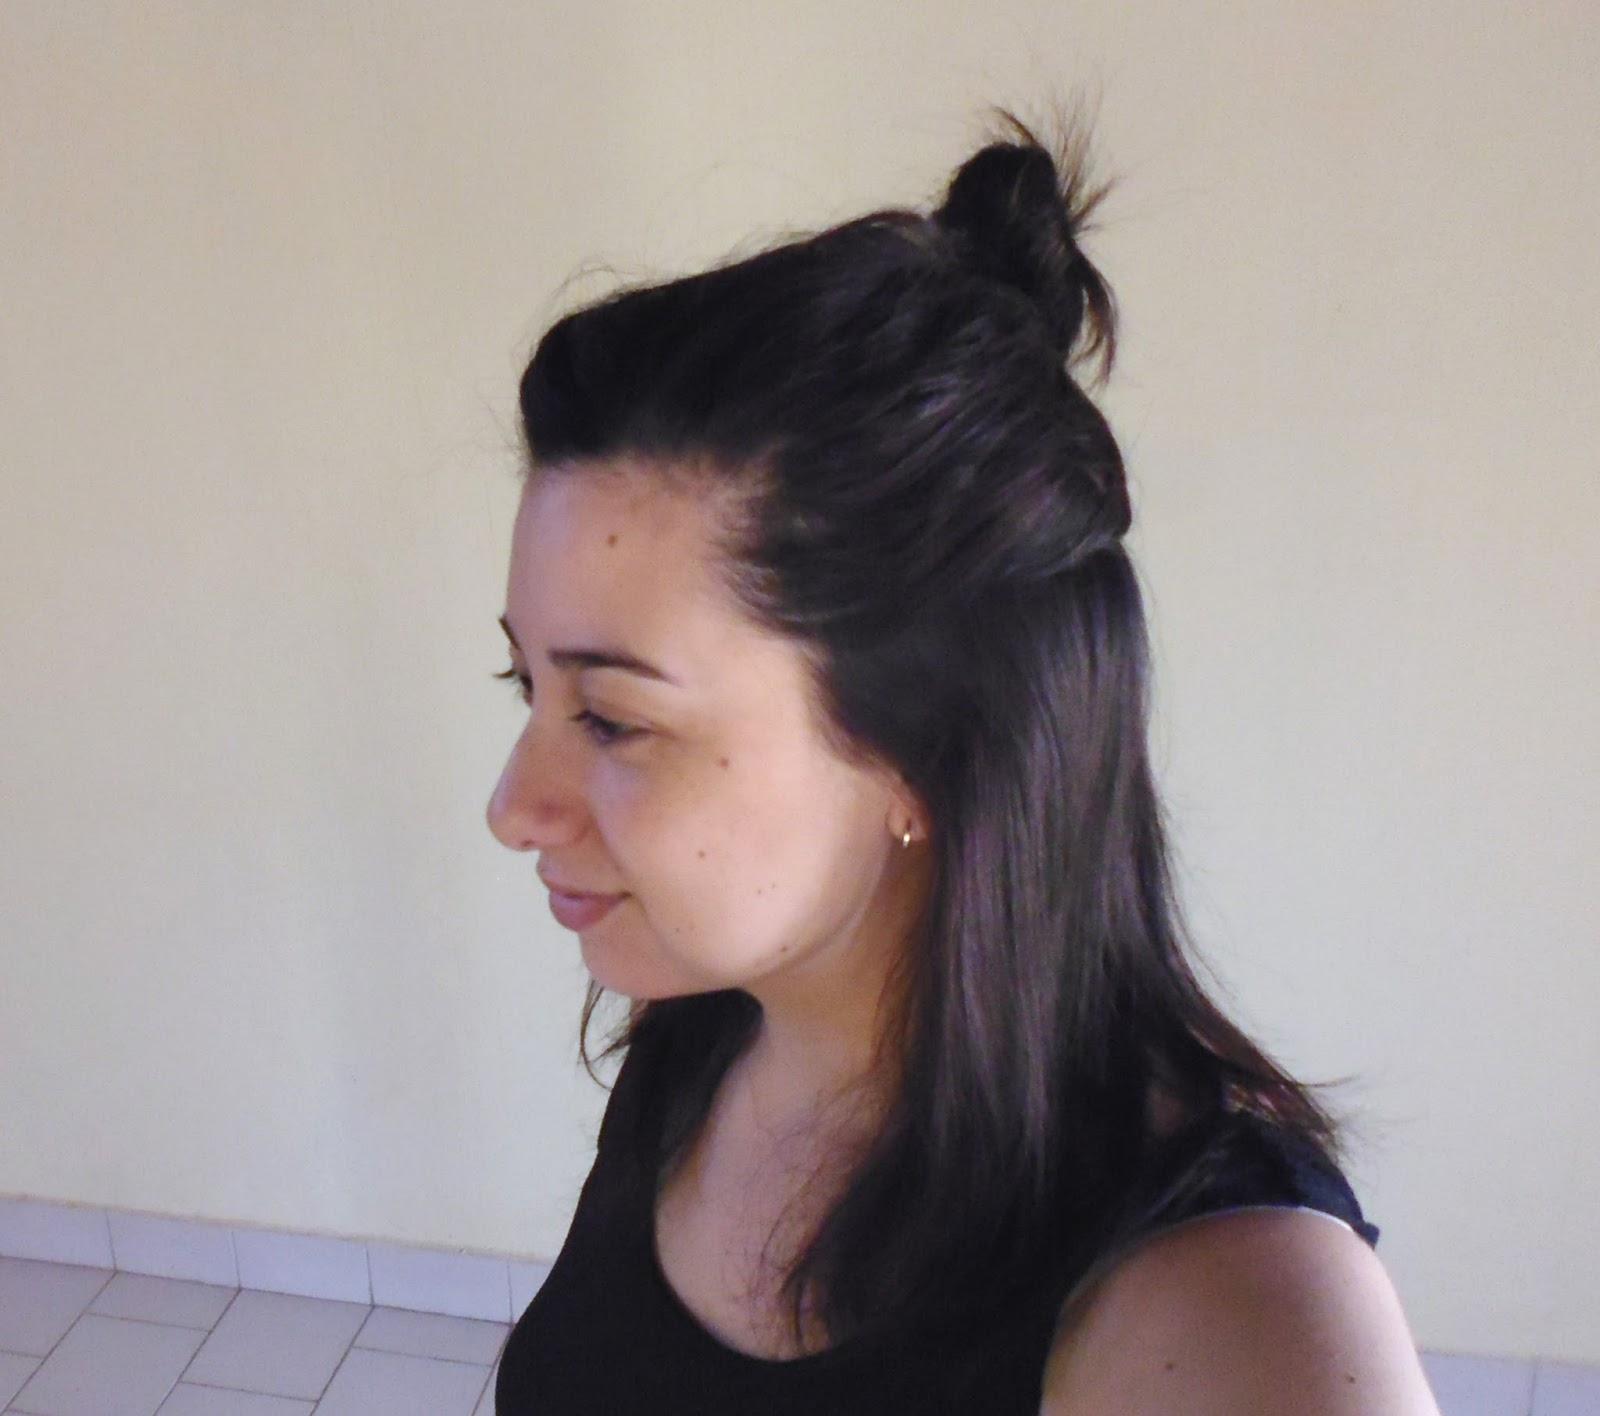 ¡Se acabaron las dudas! ¿Qué peinado me favorece más? Hola - Que Tipos De Peinados Me Quedan